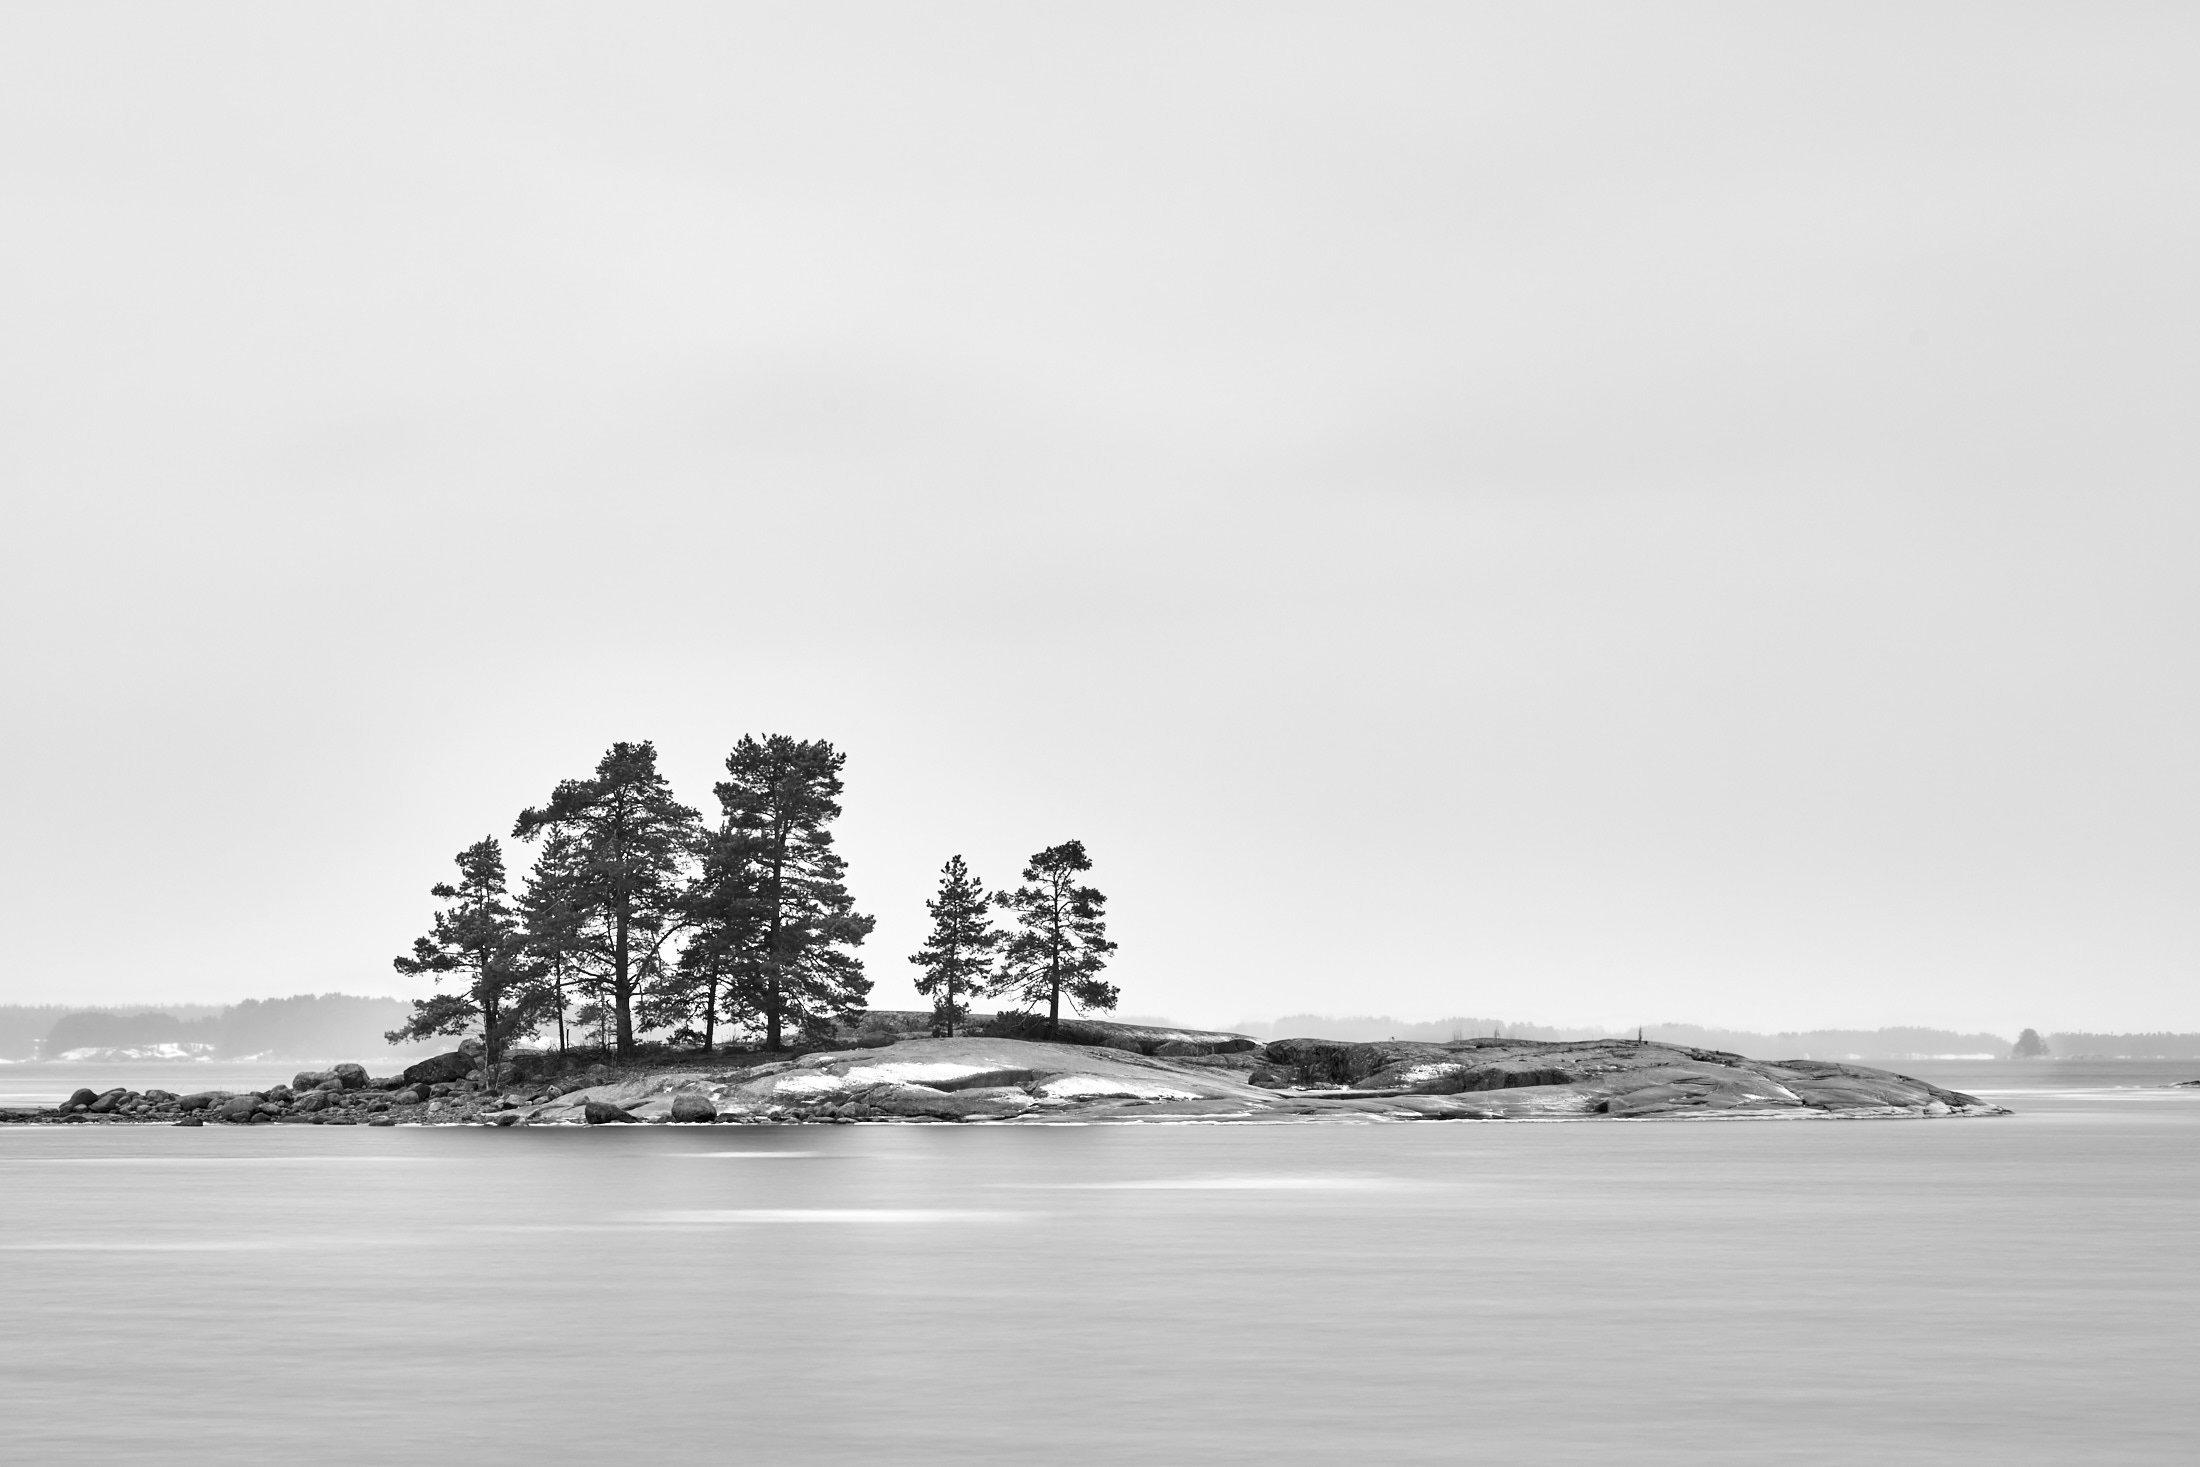 Island without Name, Study II